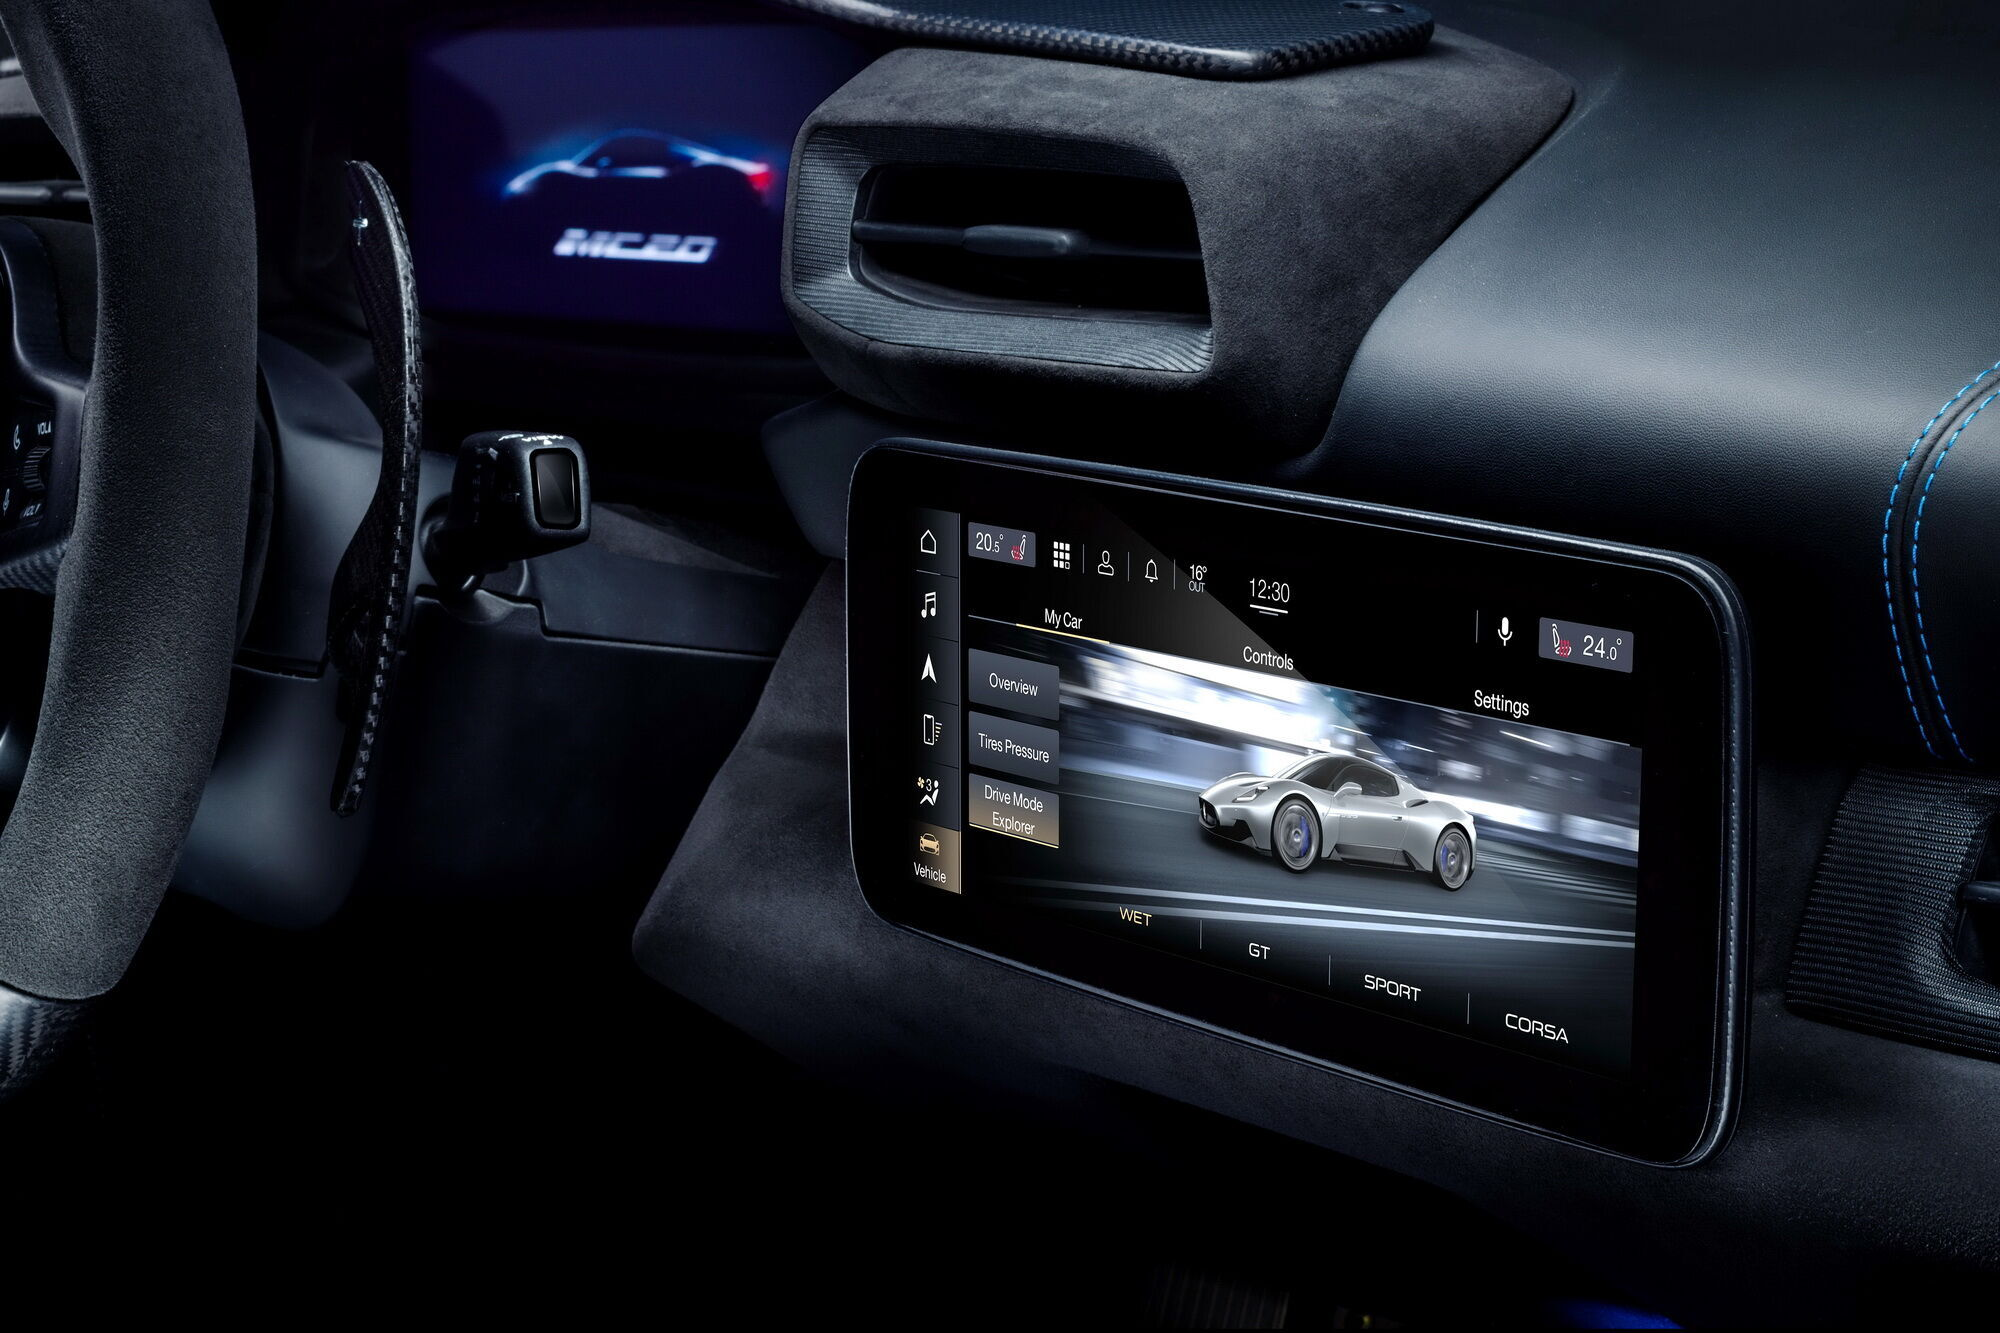 Мультимедийная система имеет 10-дюймовый дисплей. Фото: